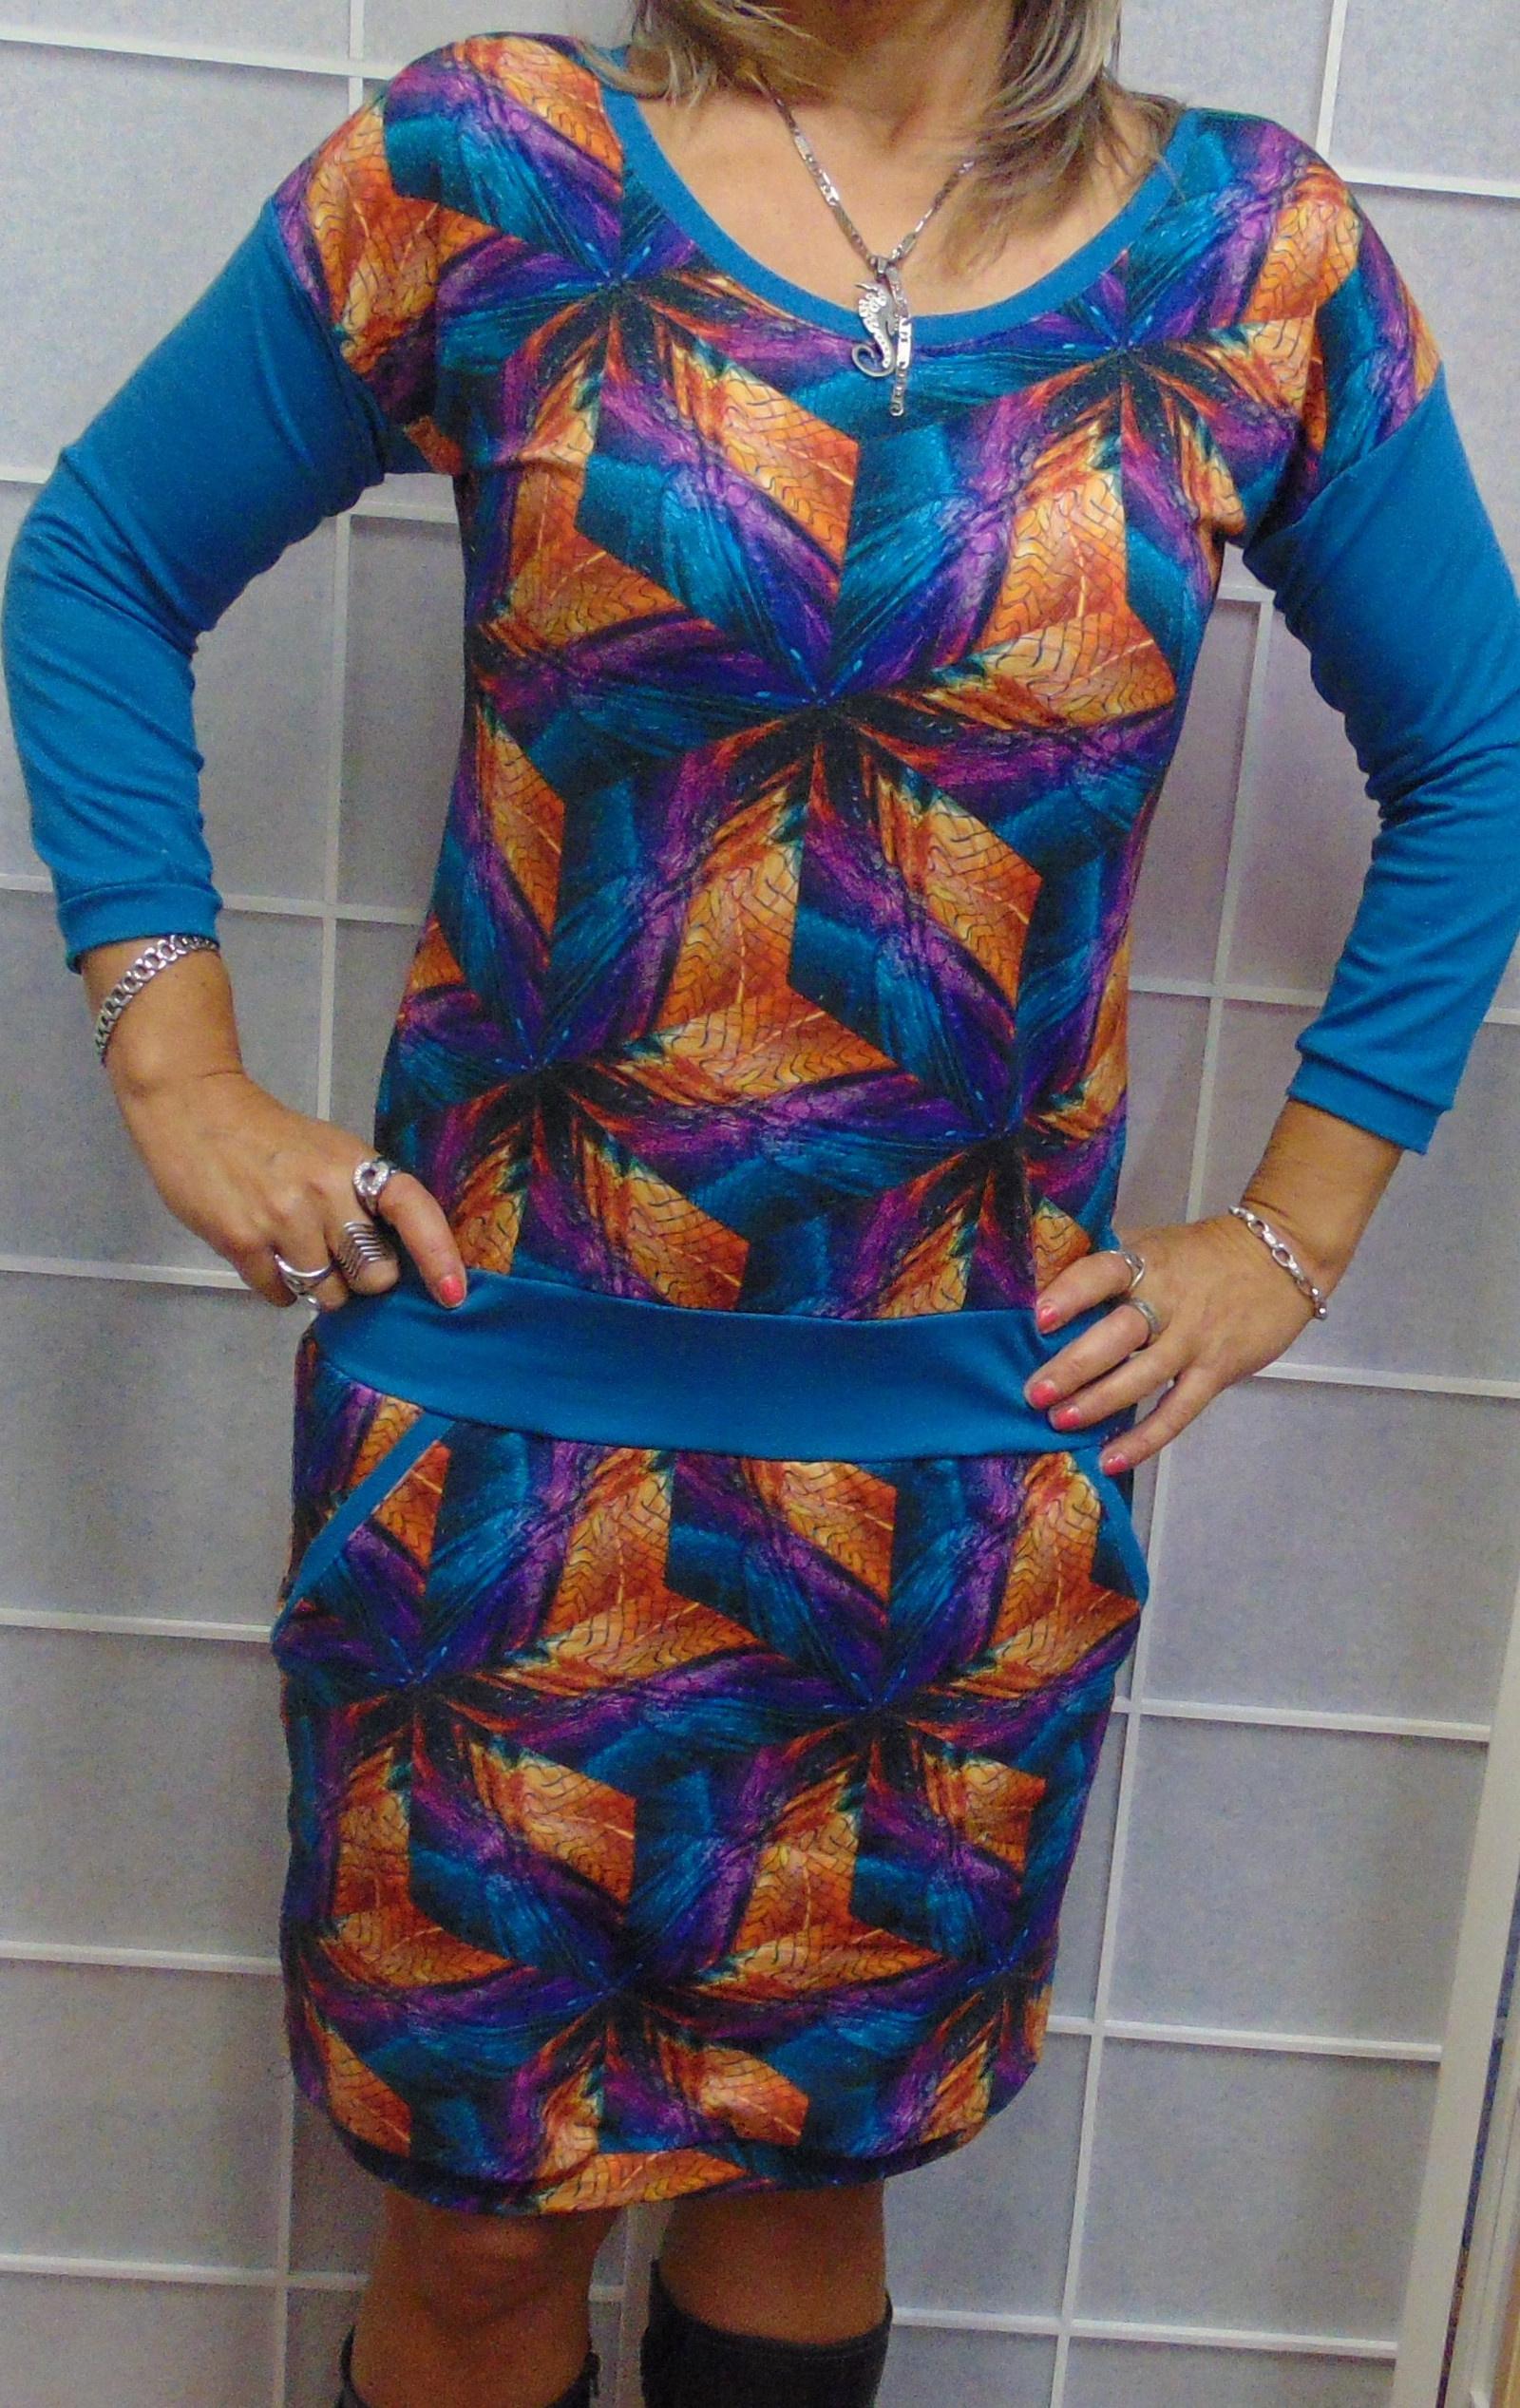 8e85009803c šaty BAREVNÝ HADÍ VZOR-VÝPRODEJ   Zboží prodejce Pa-Milada